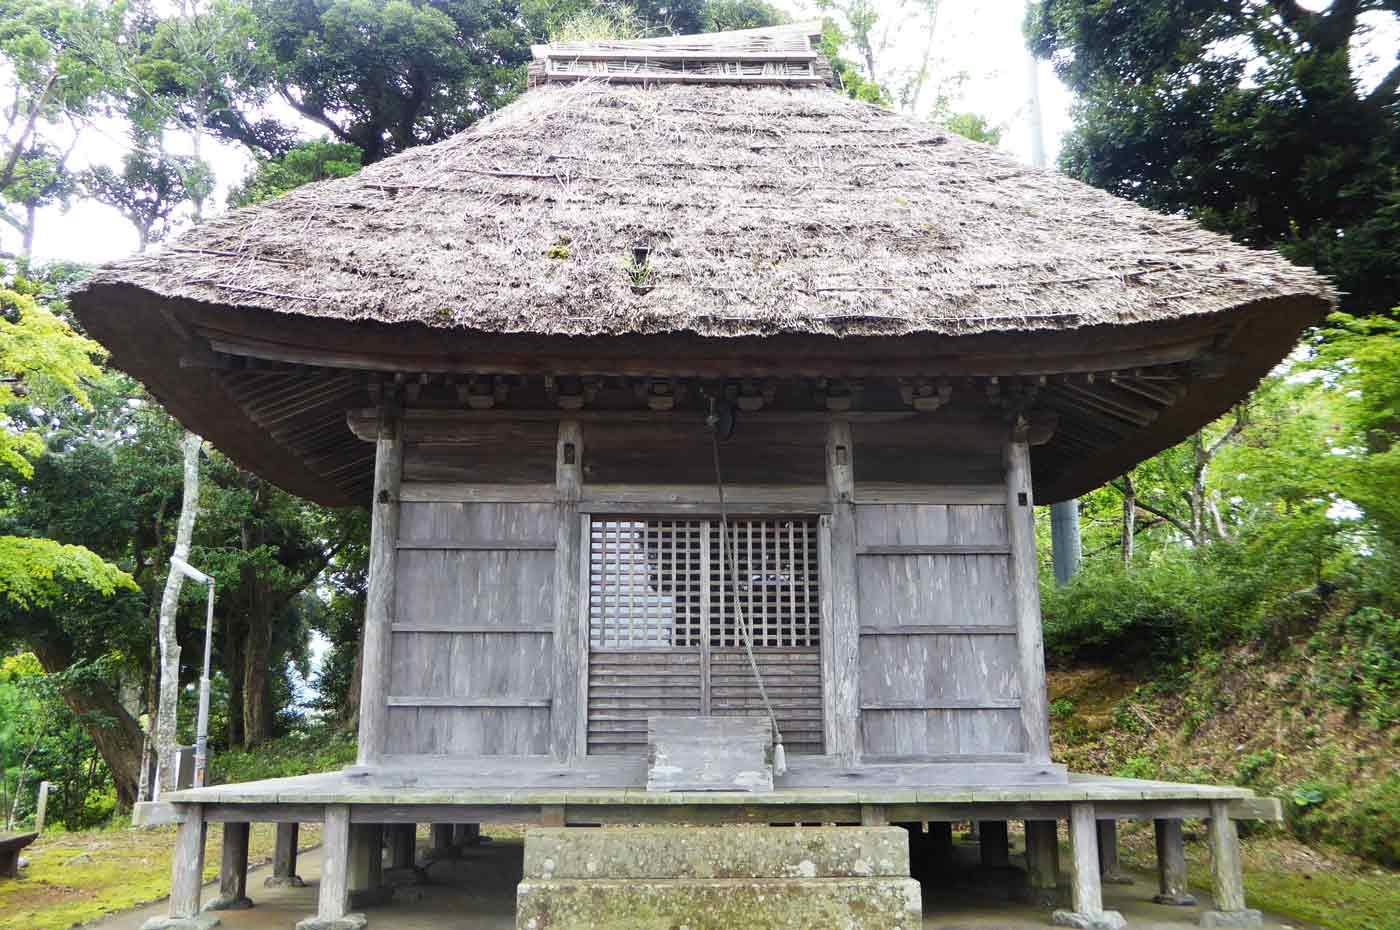 石堂寺薬師堂(国指定重要文化財)の画像